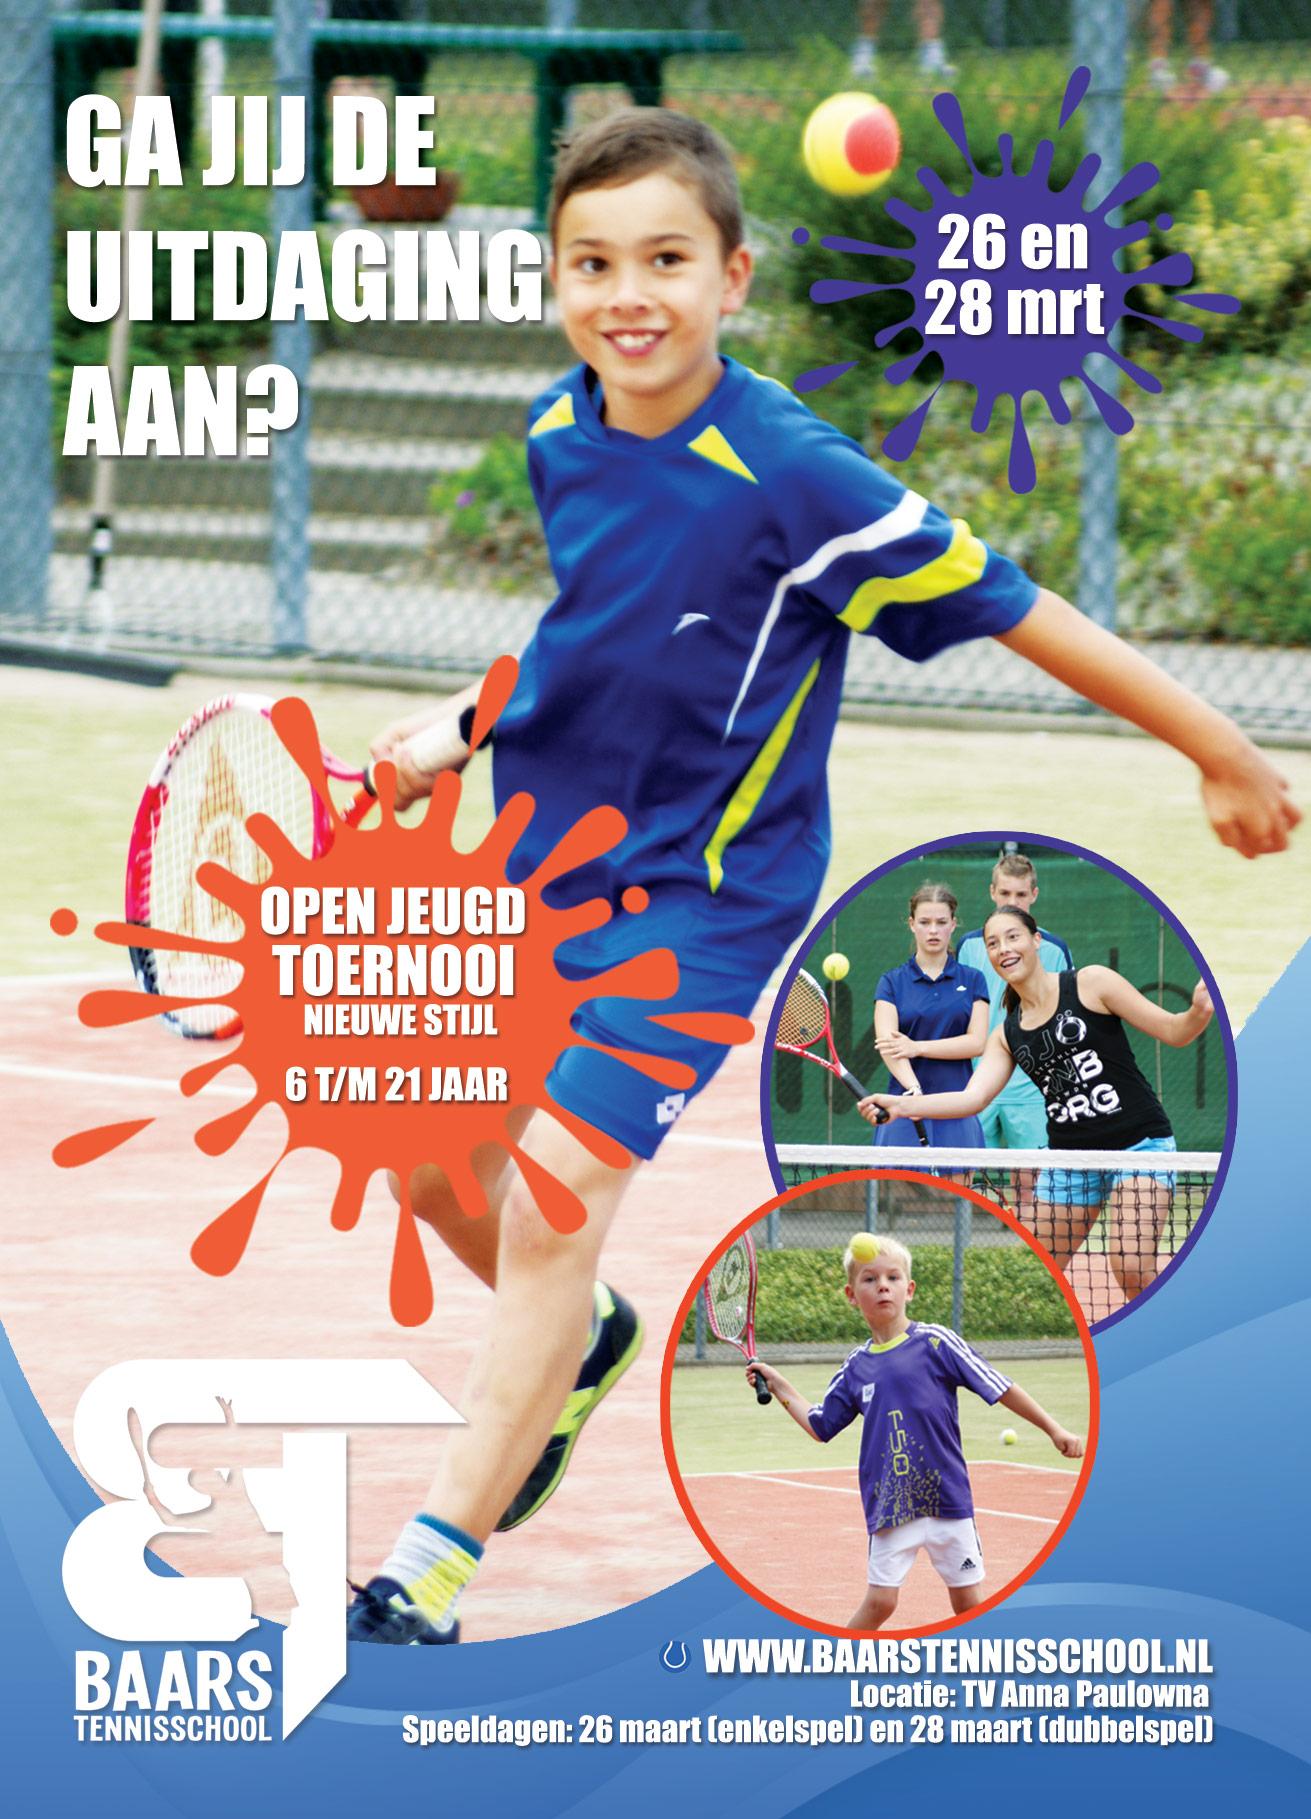 Flyer Open Toernooi Baars Tennisschool 2016